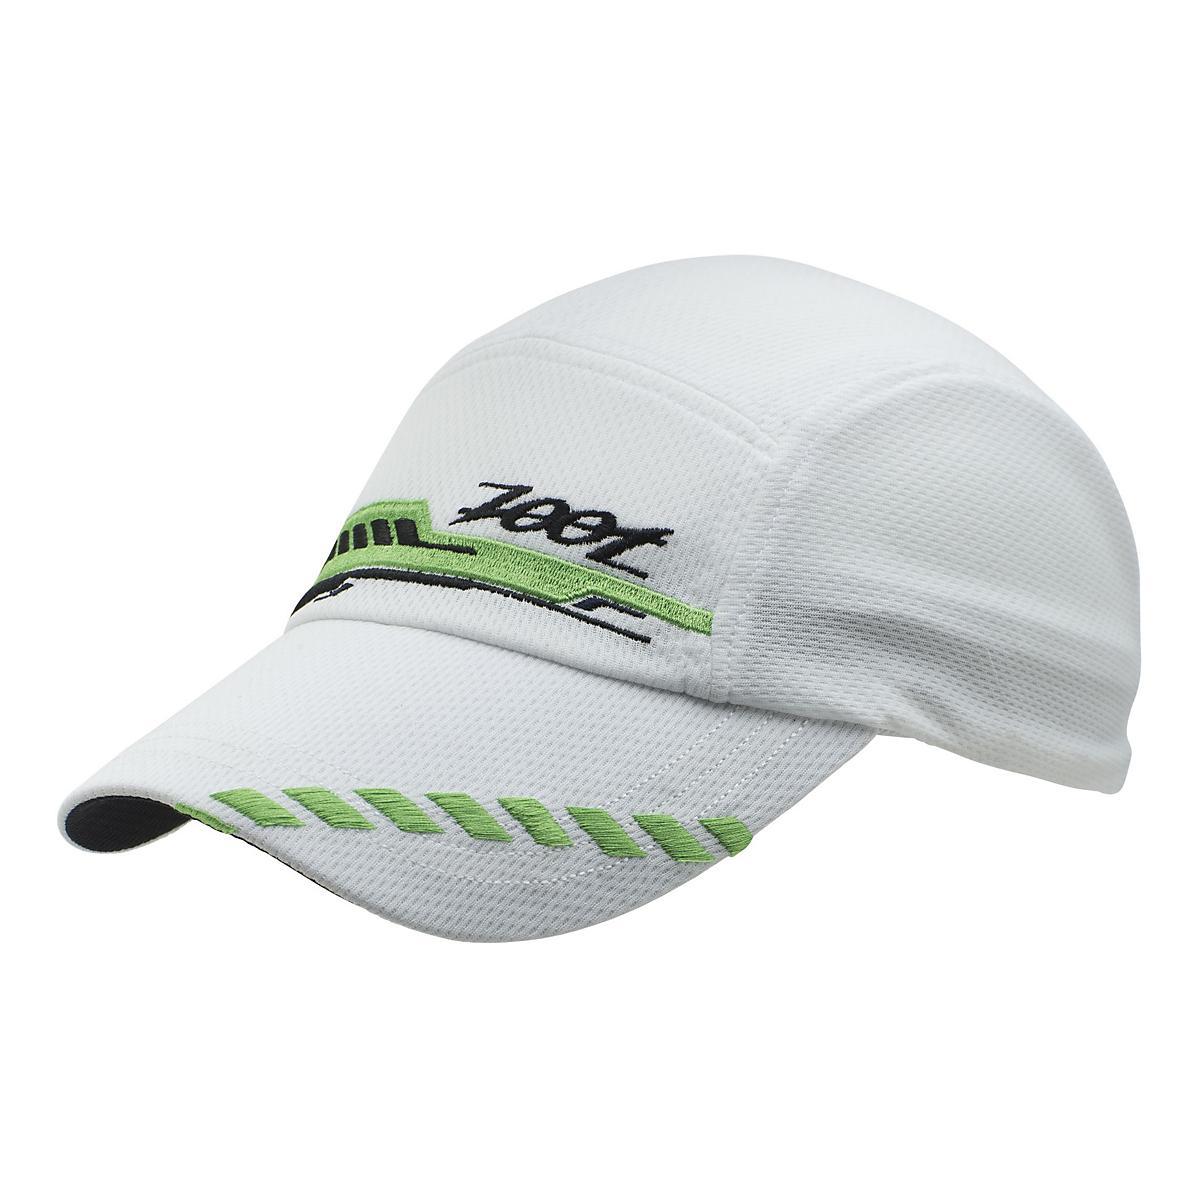 Men's Zoot�Performance Ventilator Cap